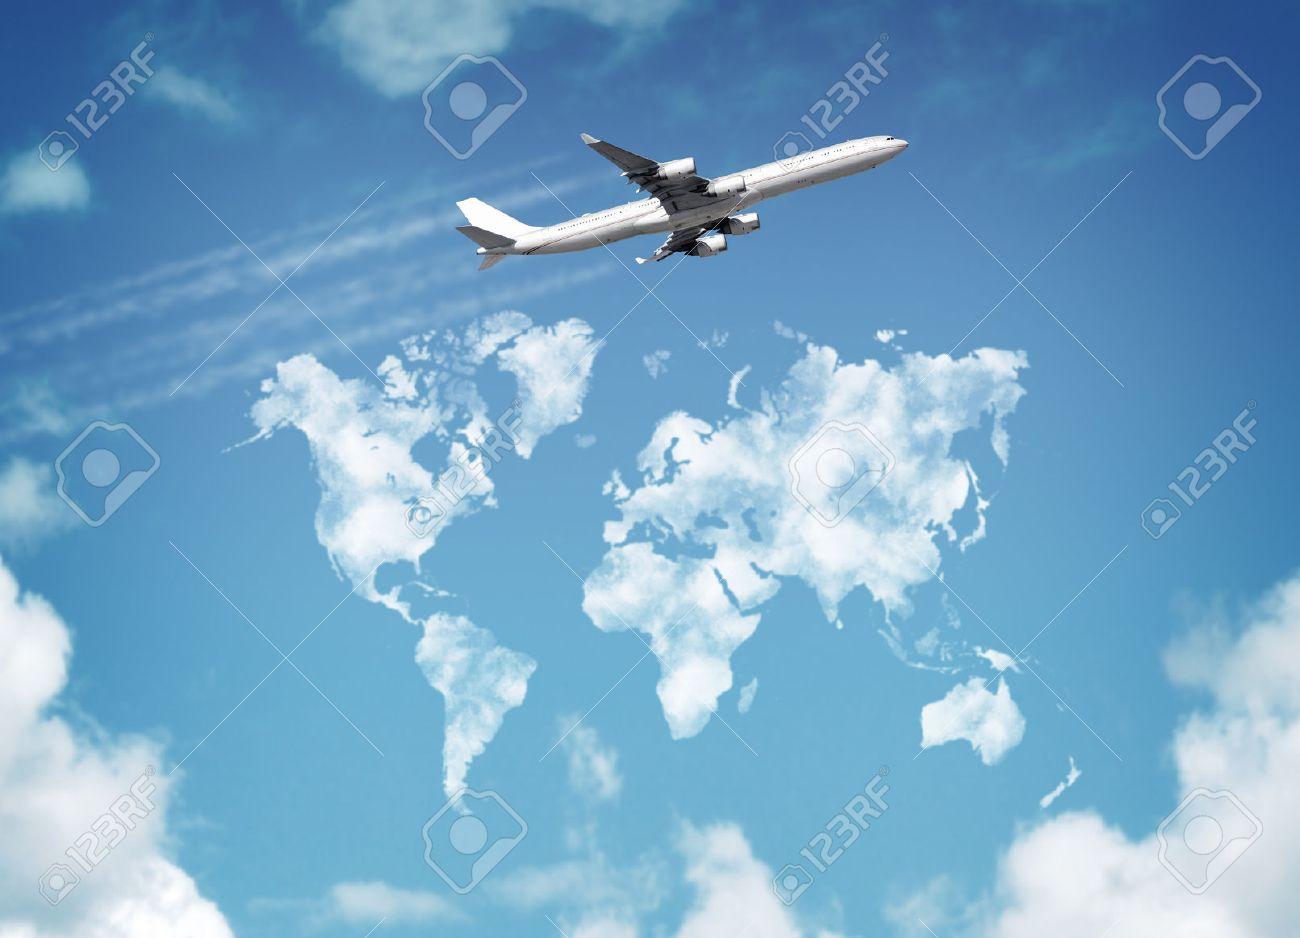 924a0d8f39 Foto de archivo - Pasajero avión volando por encima de cielo con nubes en forma  de mapa del mundo concepto de viajes y vacaciones